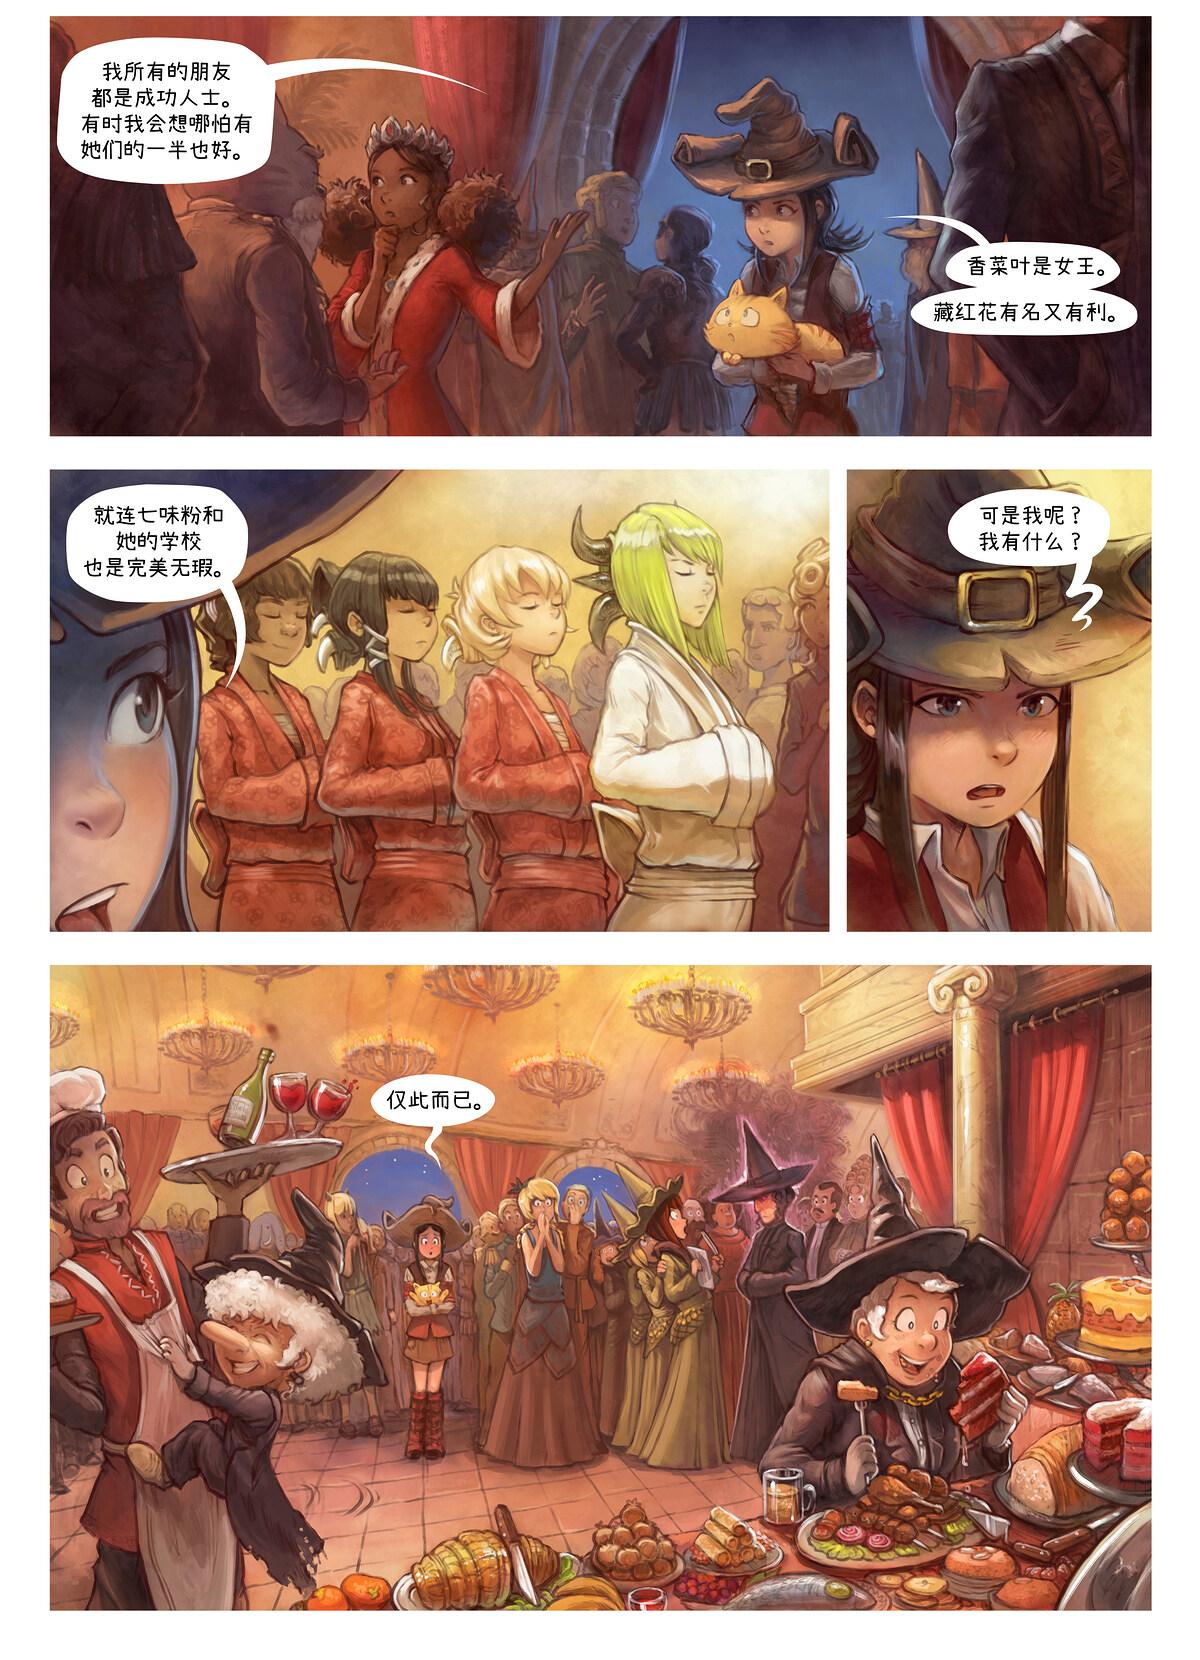 第28集:盛宴, Page 5